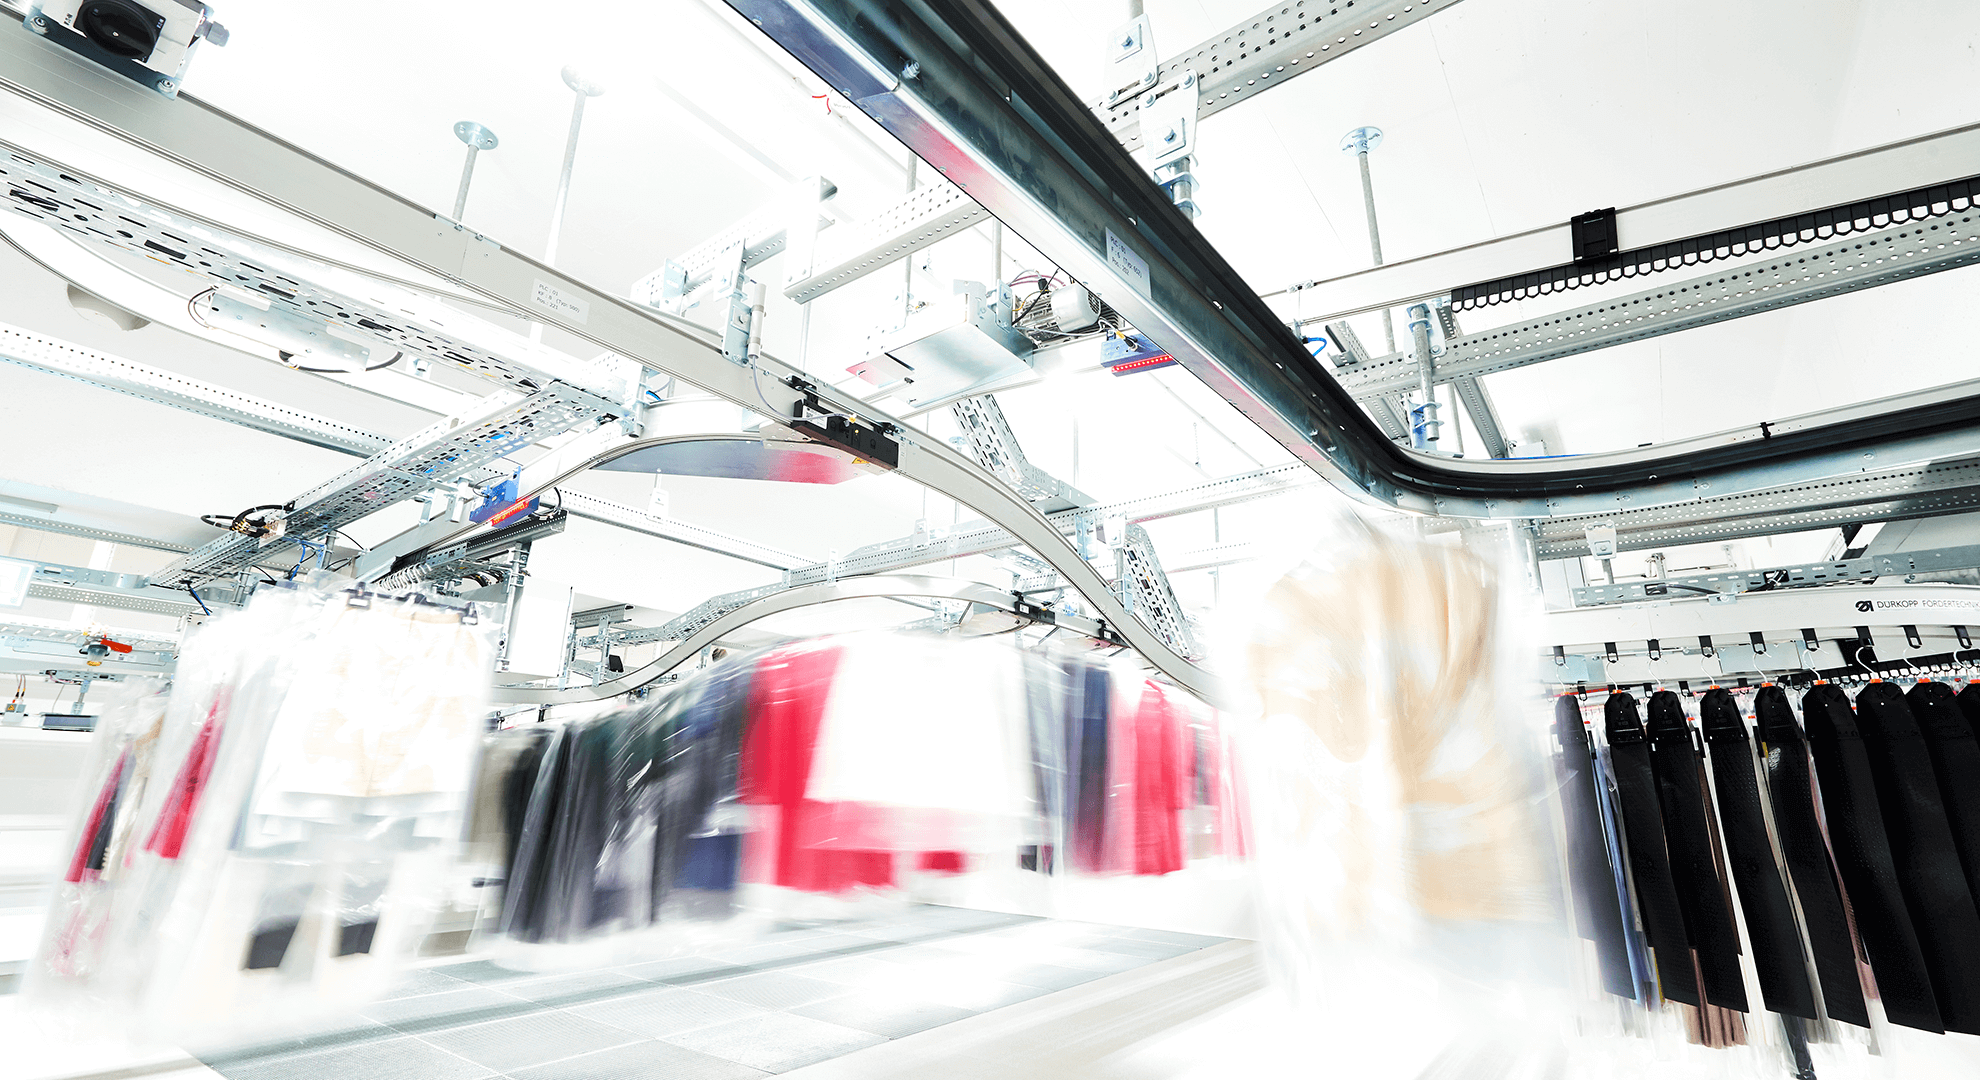 Man sieht eine Halle mit Hängefördertechnik von Dürkopp Fördertechnik in Bewegung mit bunten Kleidungsstücken. Das Hängefördertechnik-System befindet sich im Distributionszentrum für Fashion von Marc Cain.